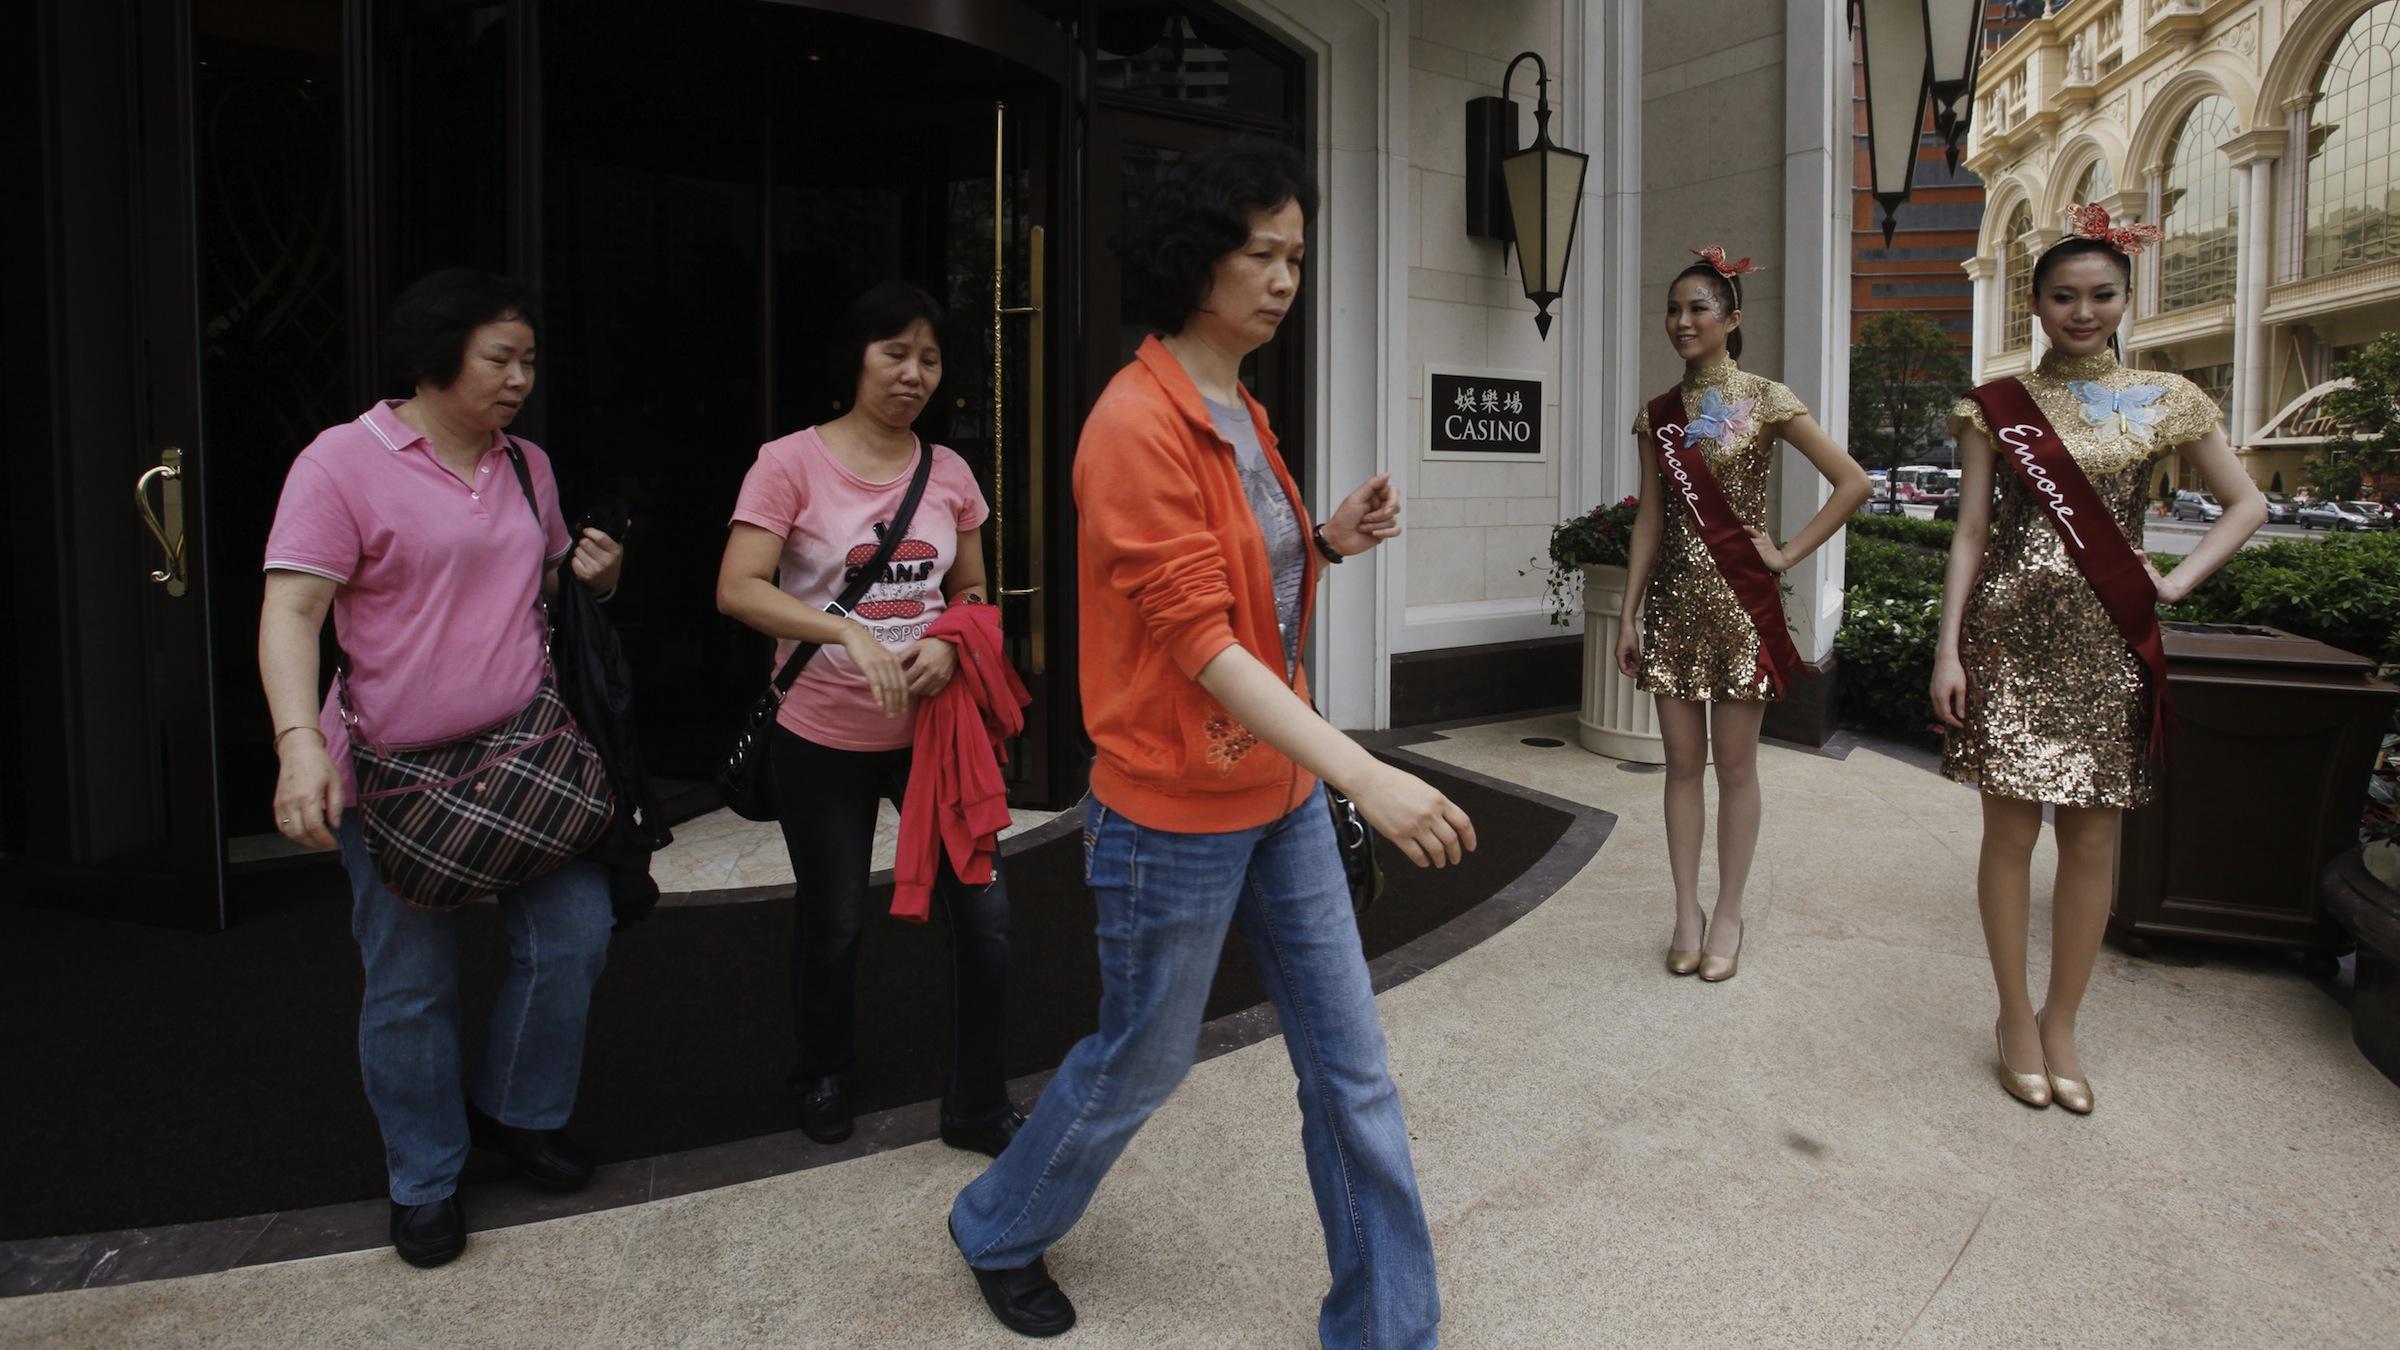 Customers leaving Wynn Macau